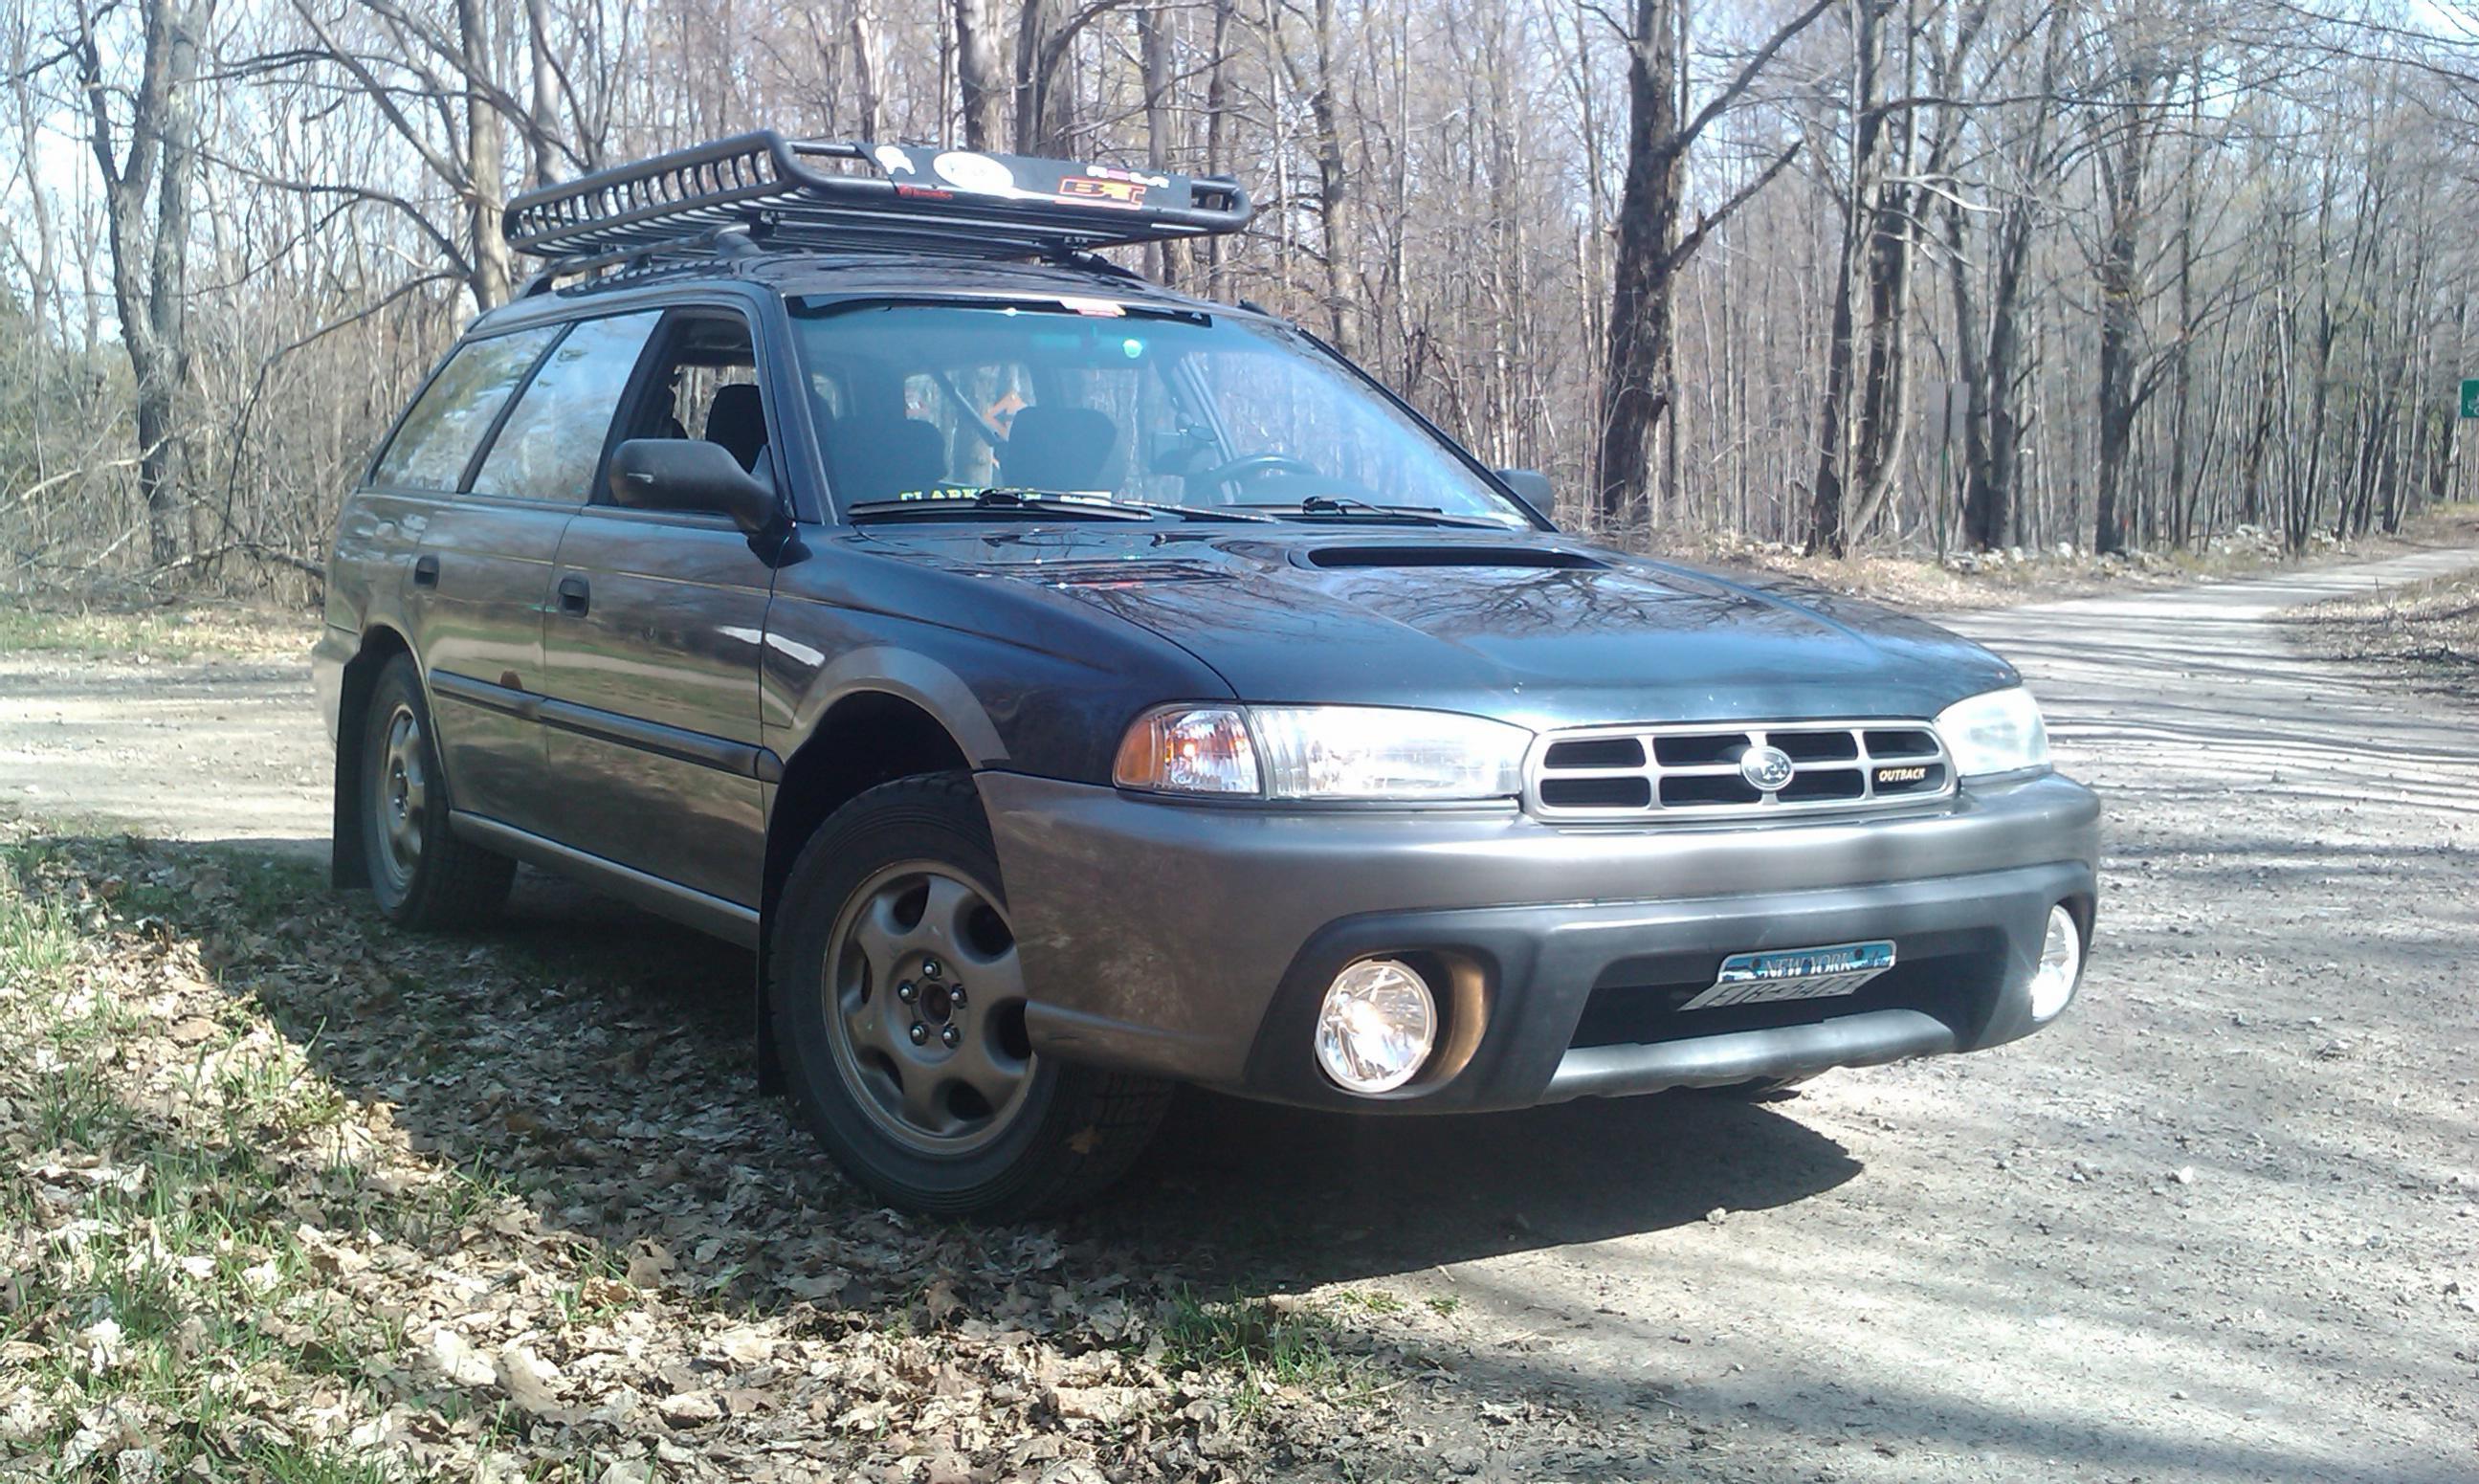 1998 Legacy Obw Build Thread Subaru Outback Subaru